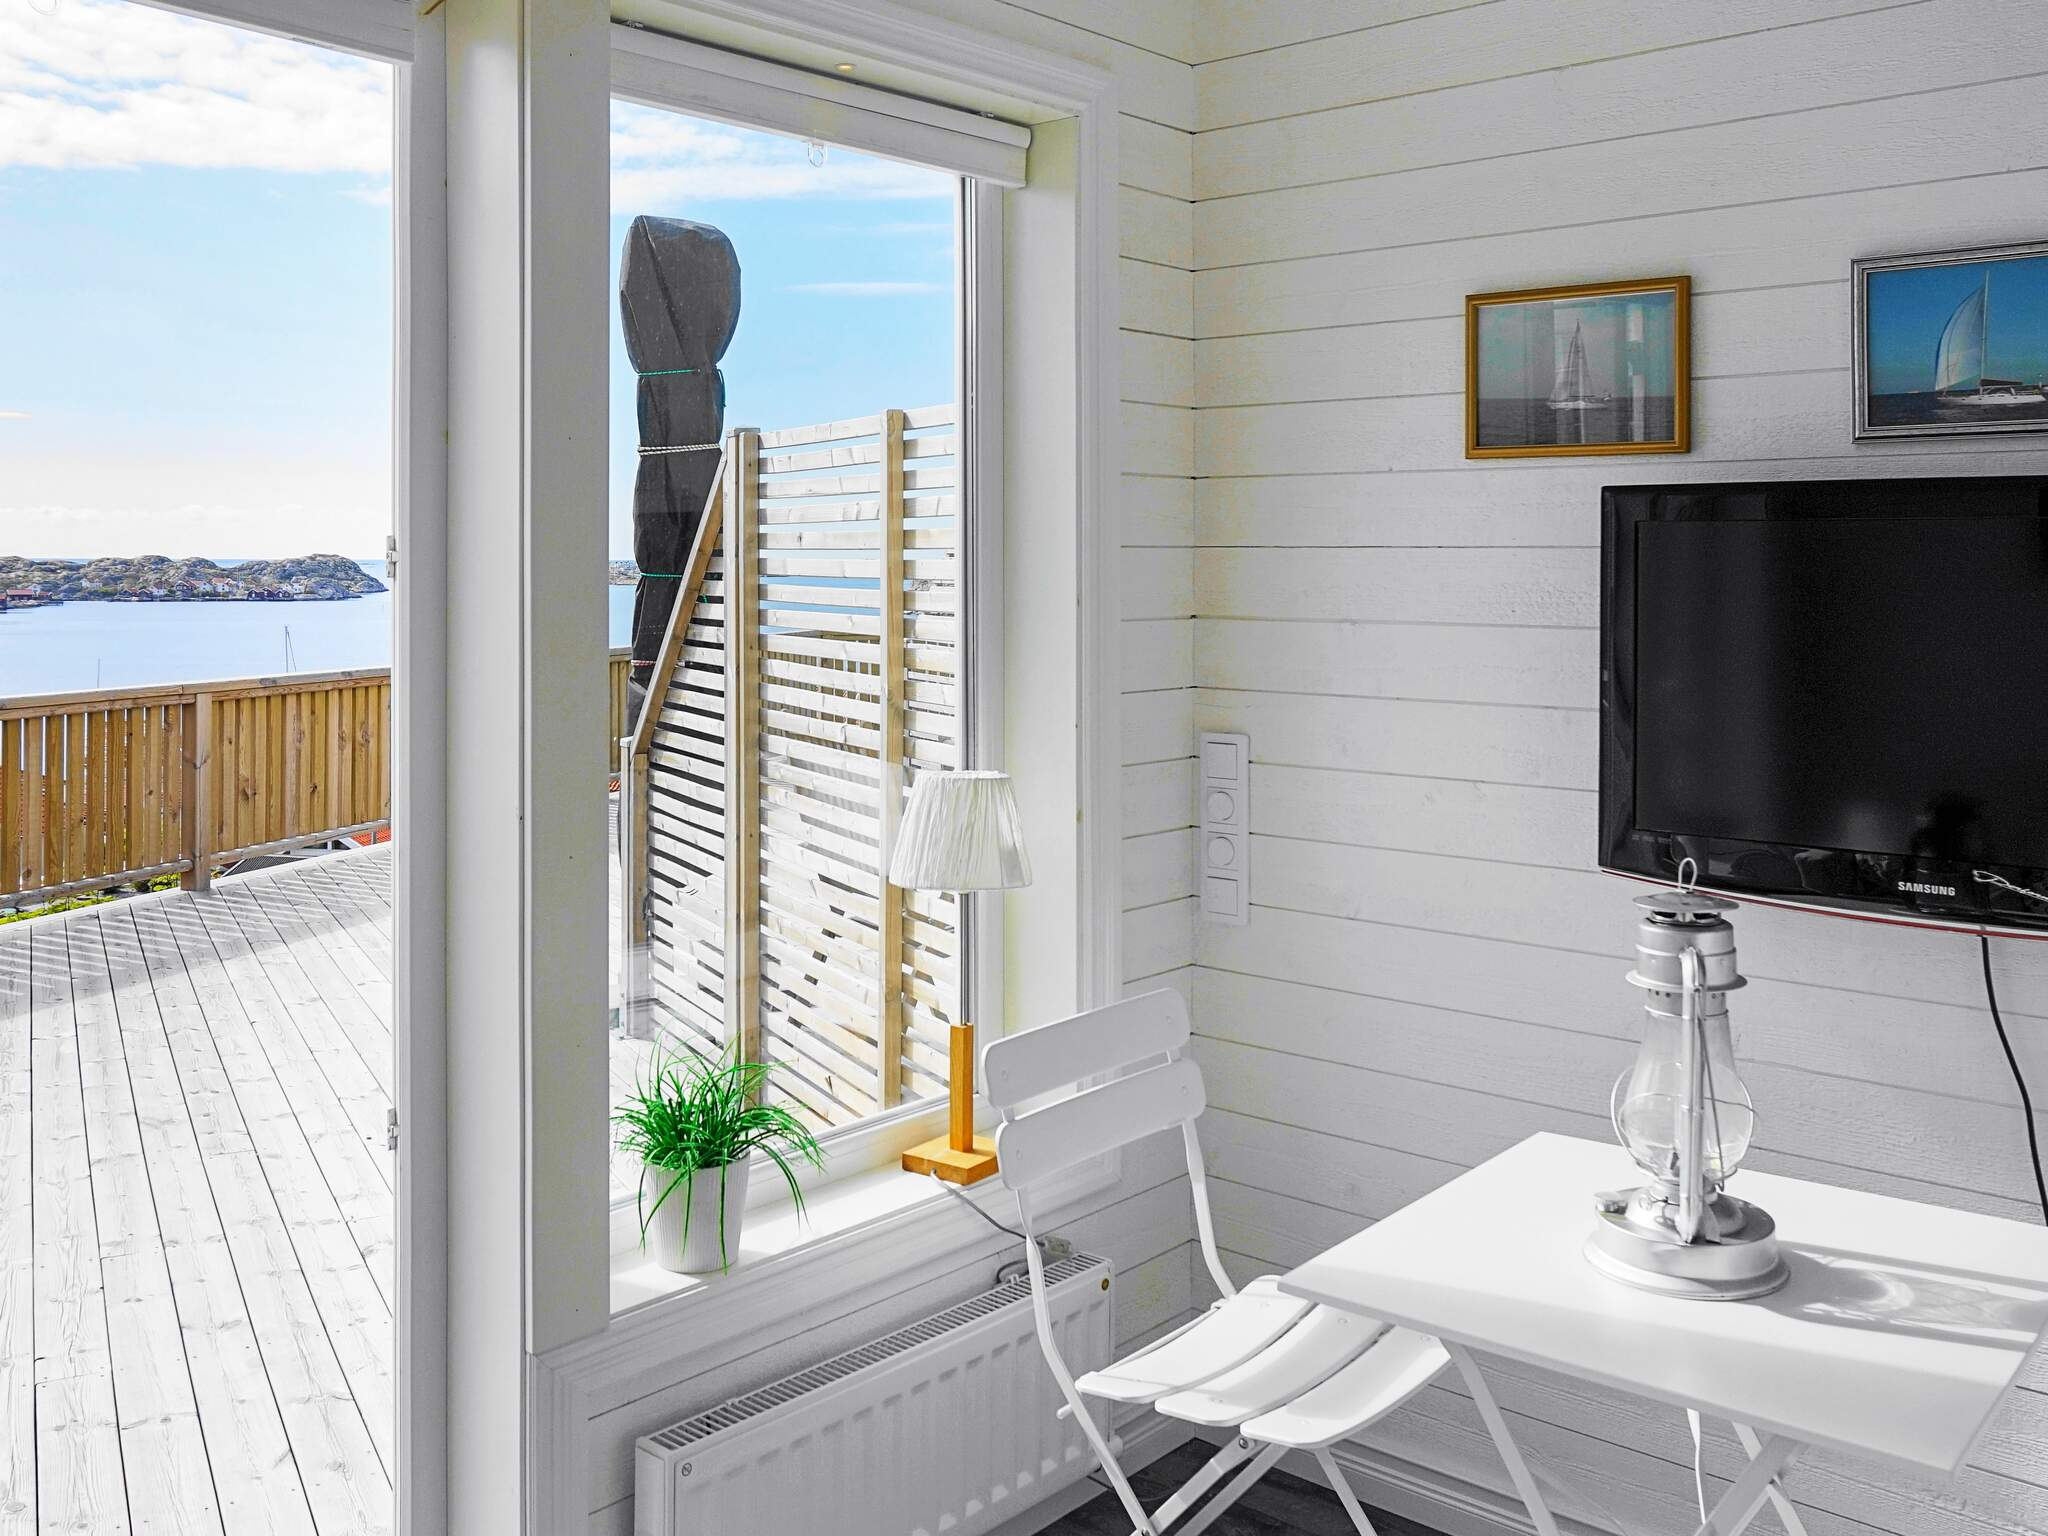 Ferienhaus Tjörn/Rönnäng (2616316), Rönnäng, Tjörn, Westschweden, Schweden, Bild 4